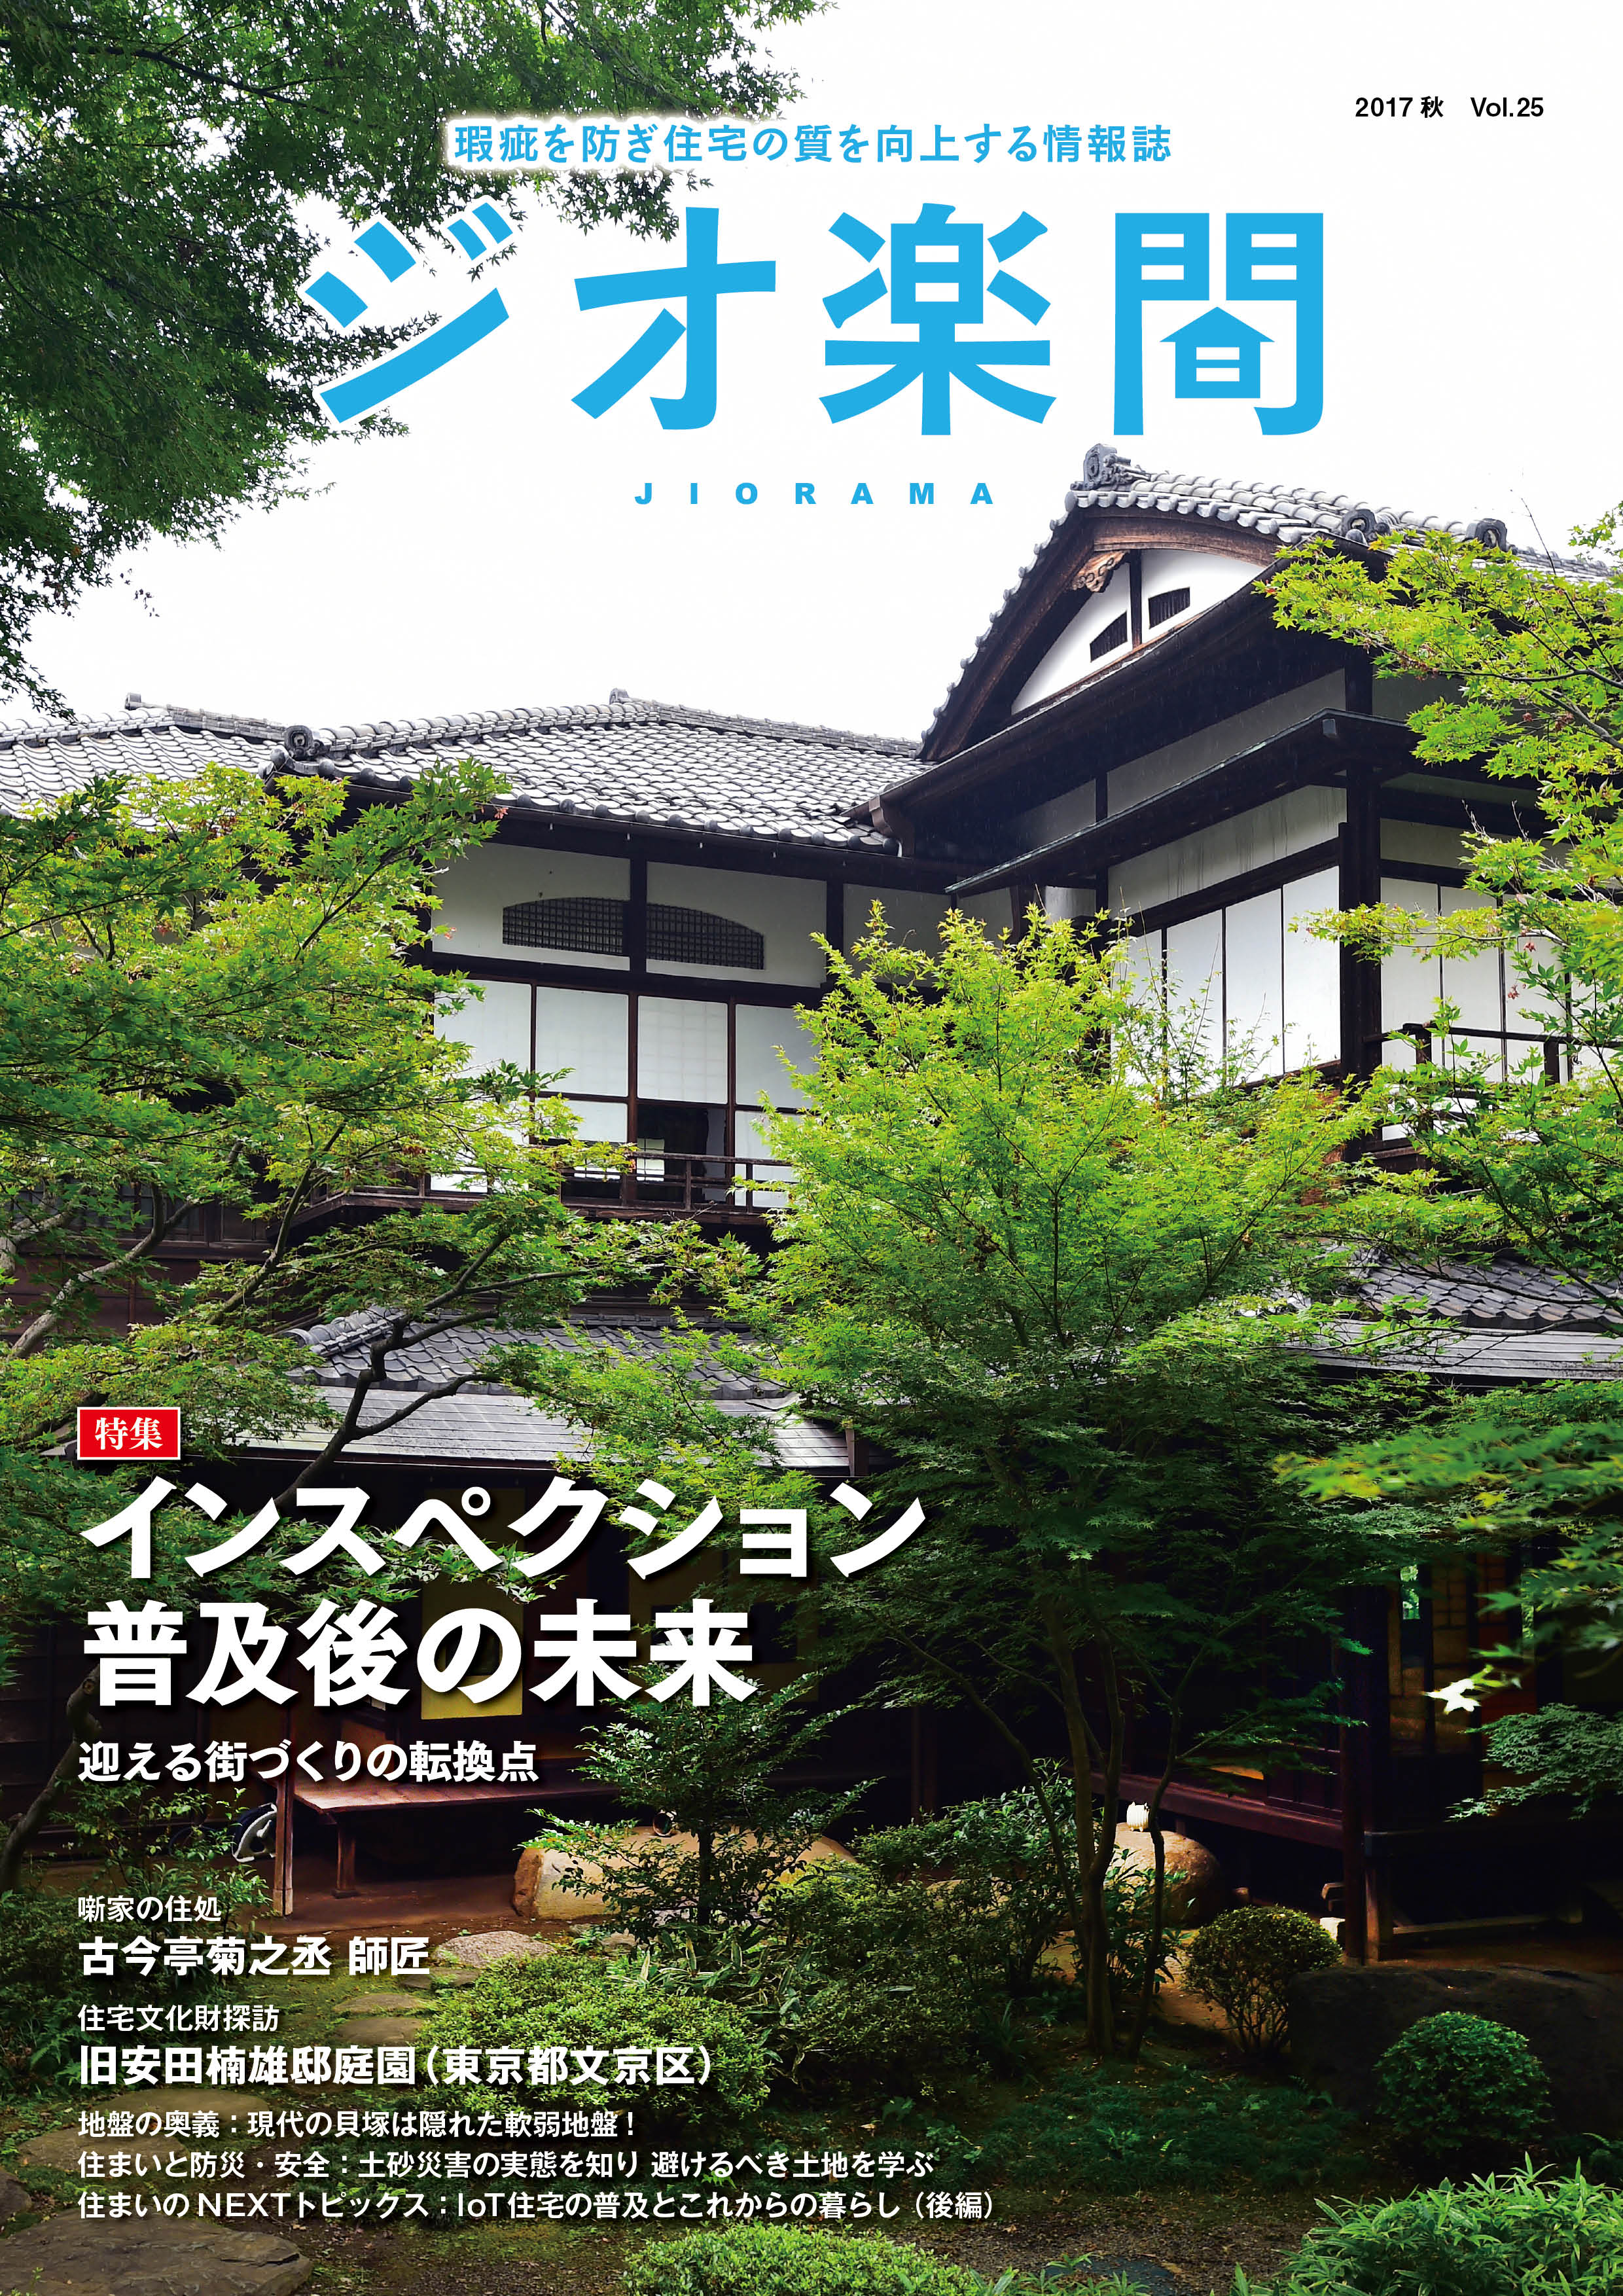 ジオ楽間 Vol.25(2017秋号)